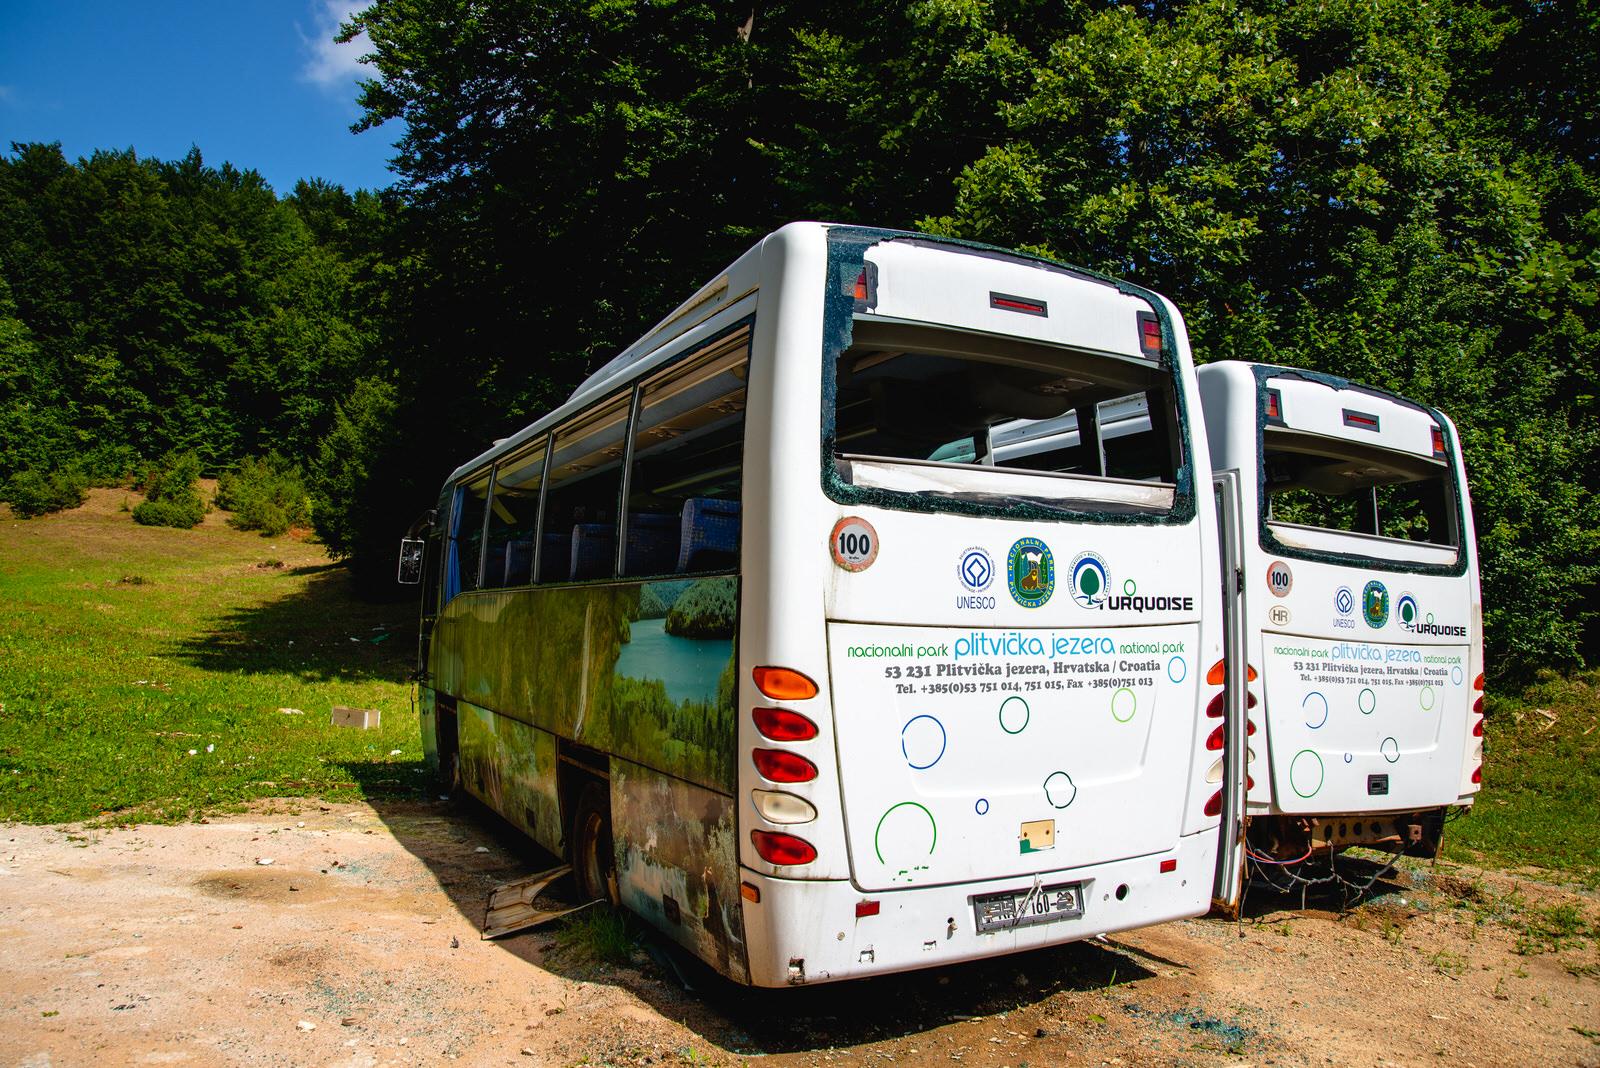 likaclub_autobusi plitvička jezera u mukinjama_11_8_2020 (1)